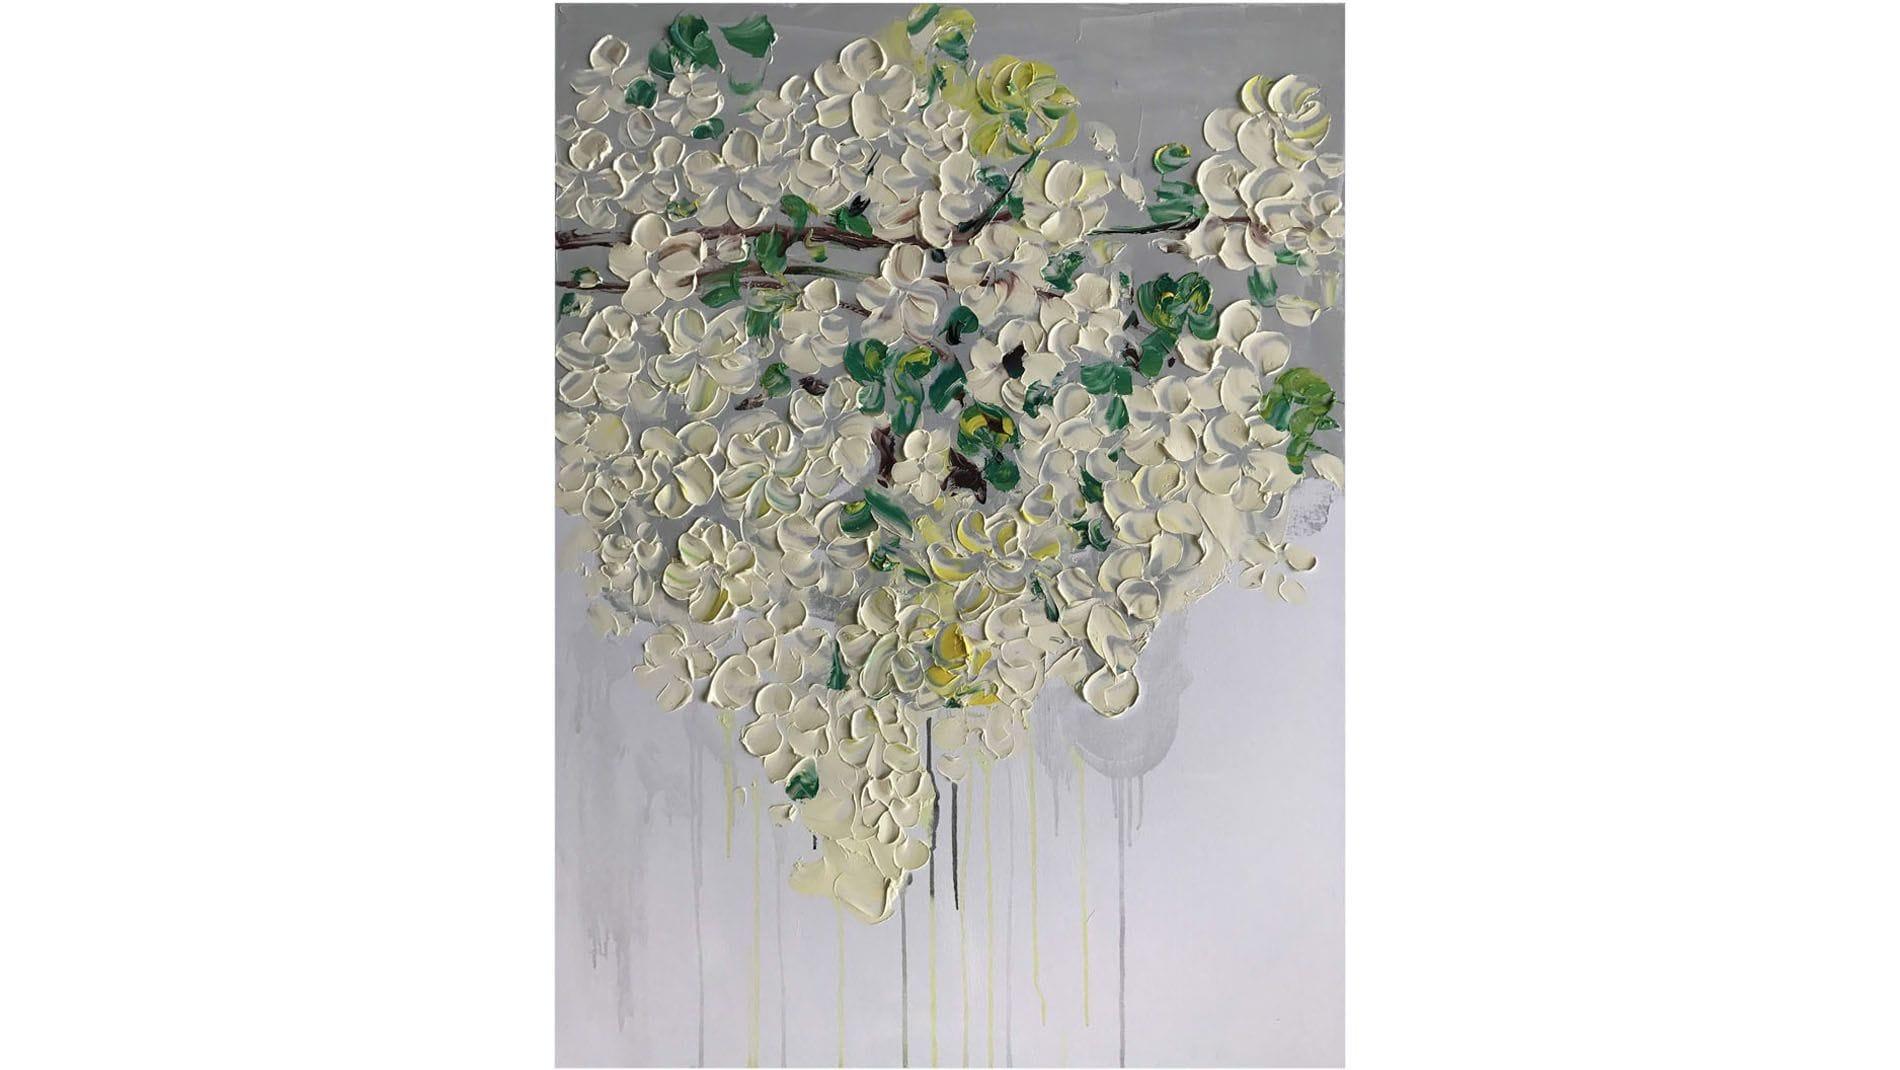 КАРТИНА МАСЛОМ Белые цветы 90*120 см.